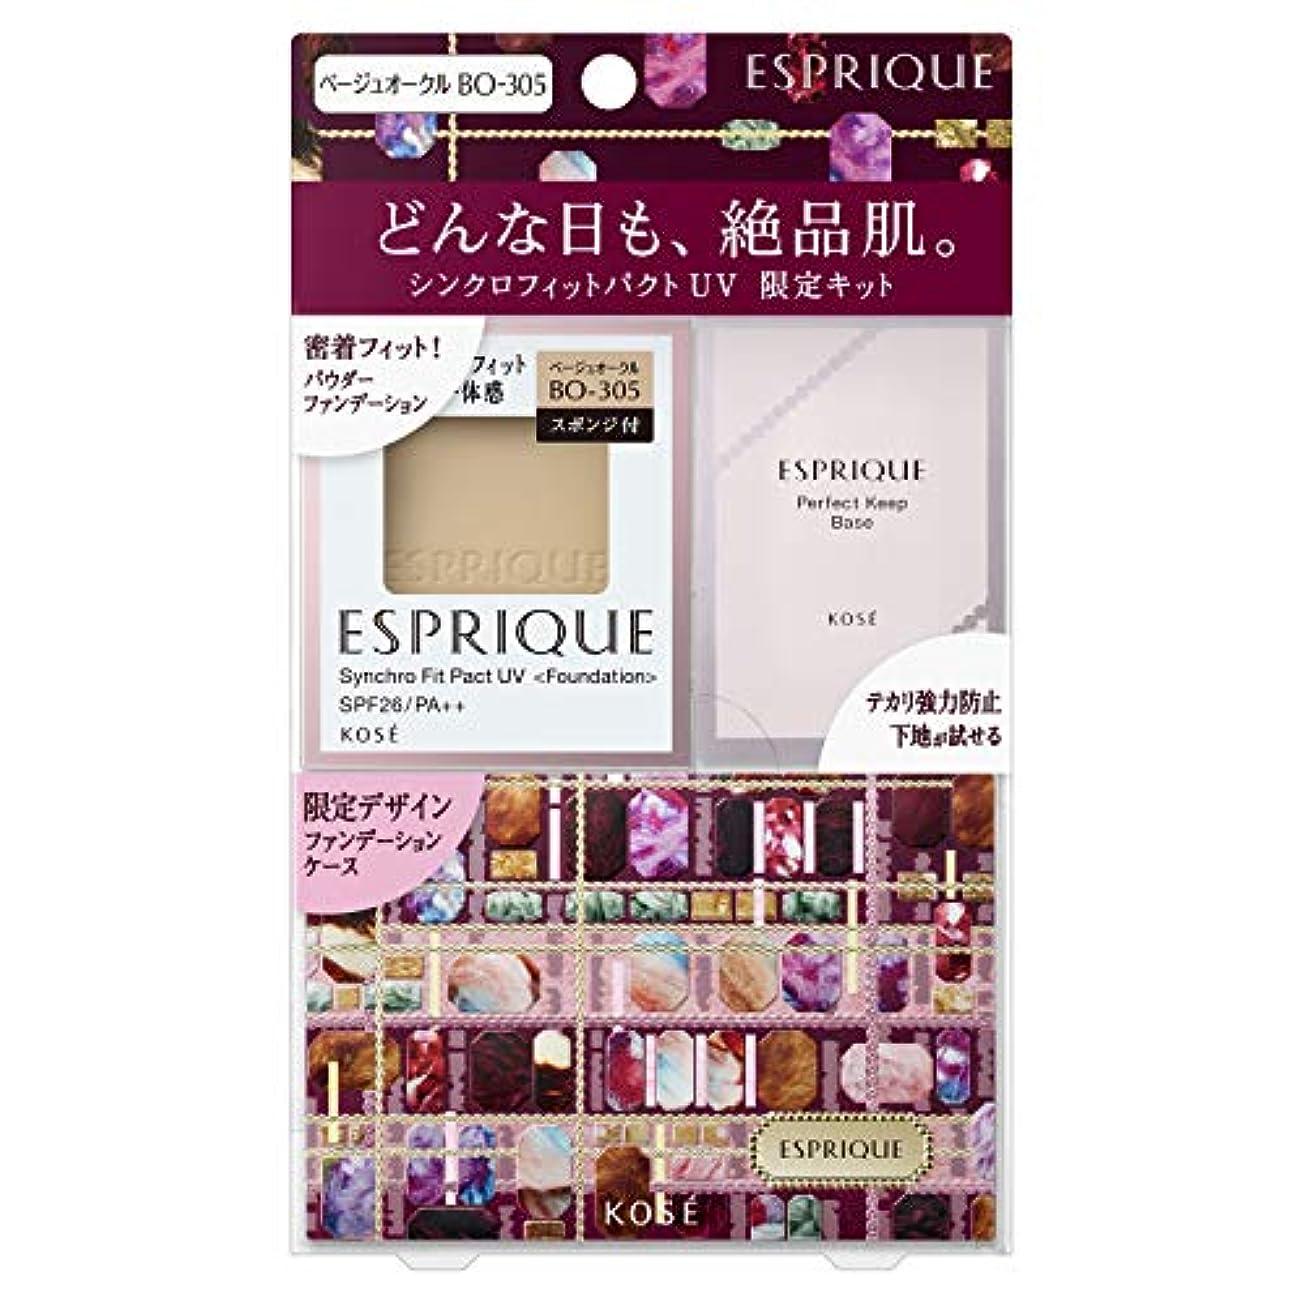 ほこりっぽい無数の弁護士ESPRIQUE(エスプリーク) エスプリーク シンクロフィット パクト UV 限定キット 2 ファンデーション BO-305 ベージュオークル セット 9.3g+0.6g+ケース付き